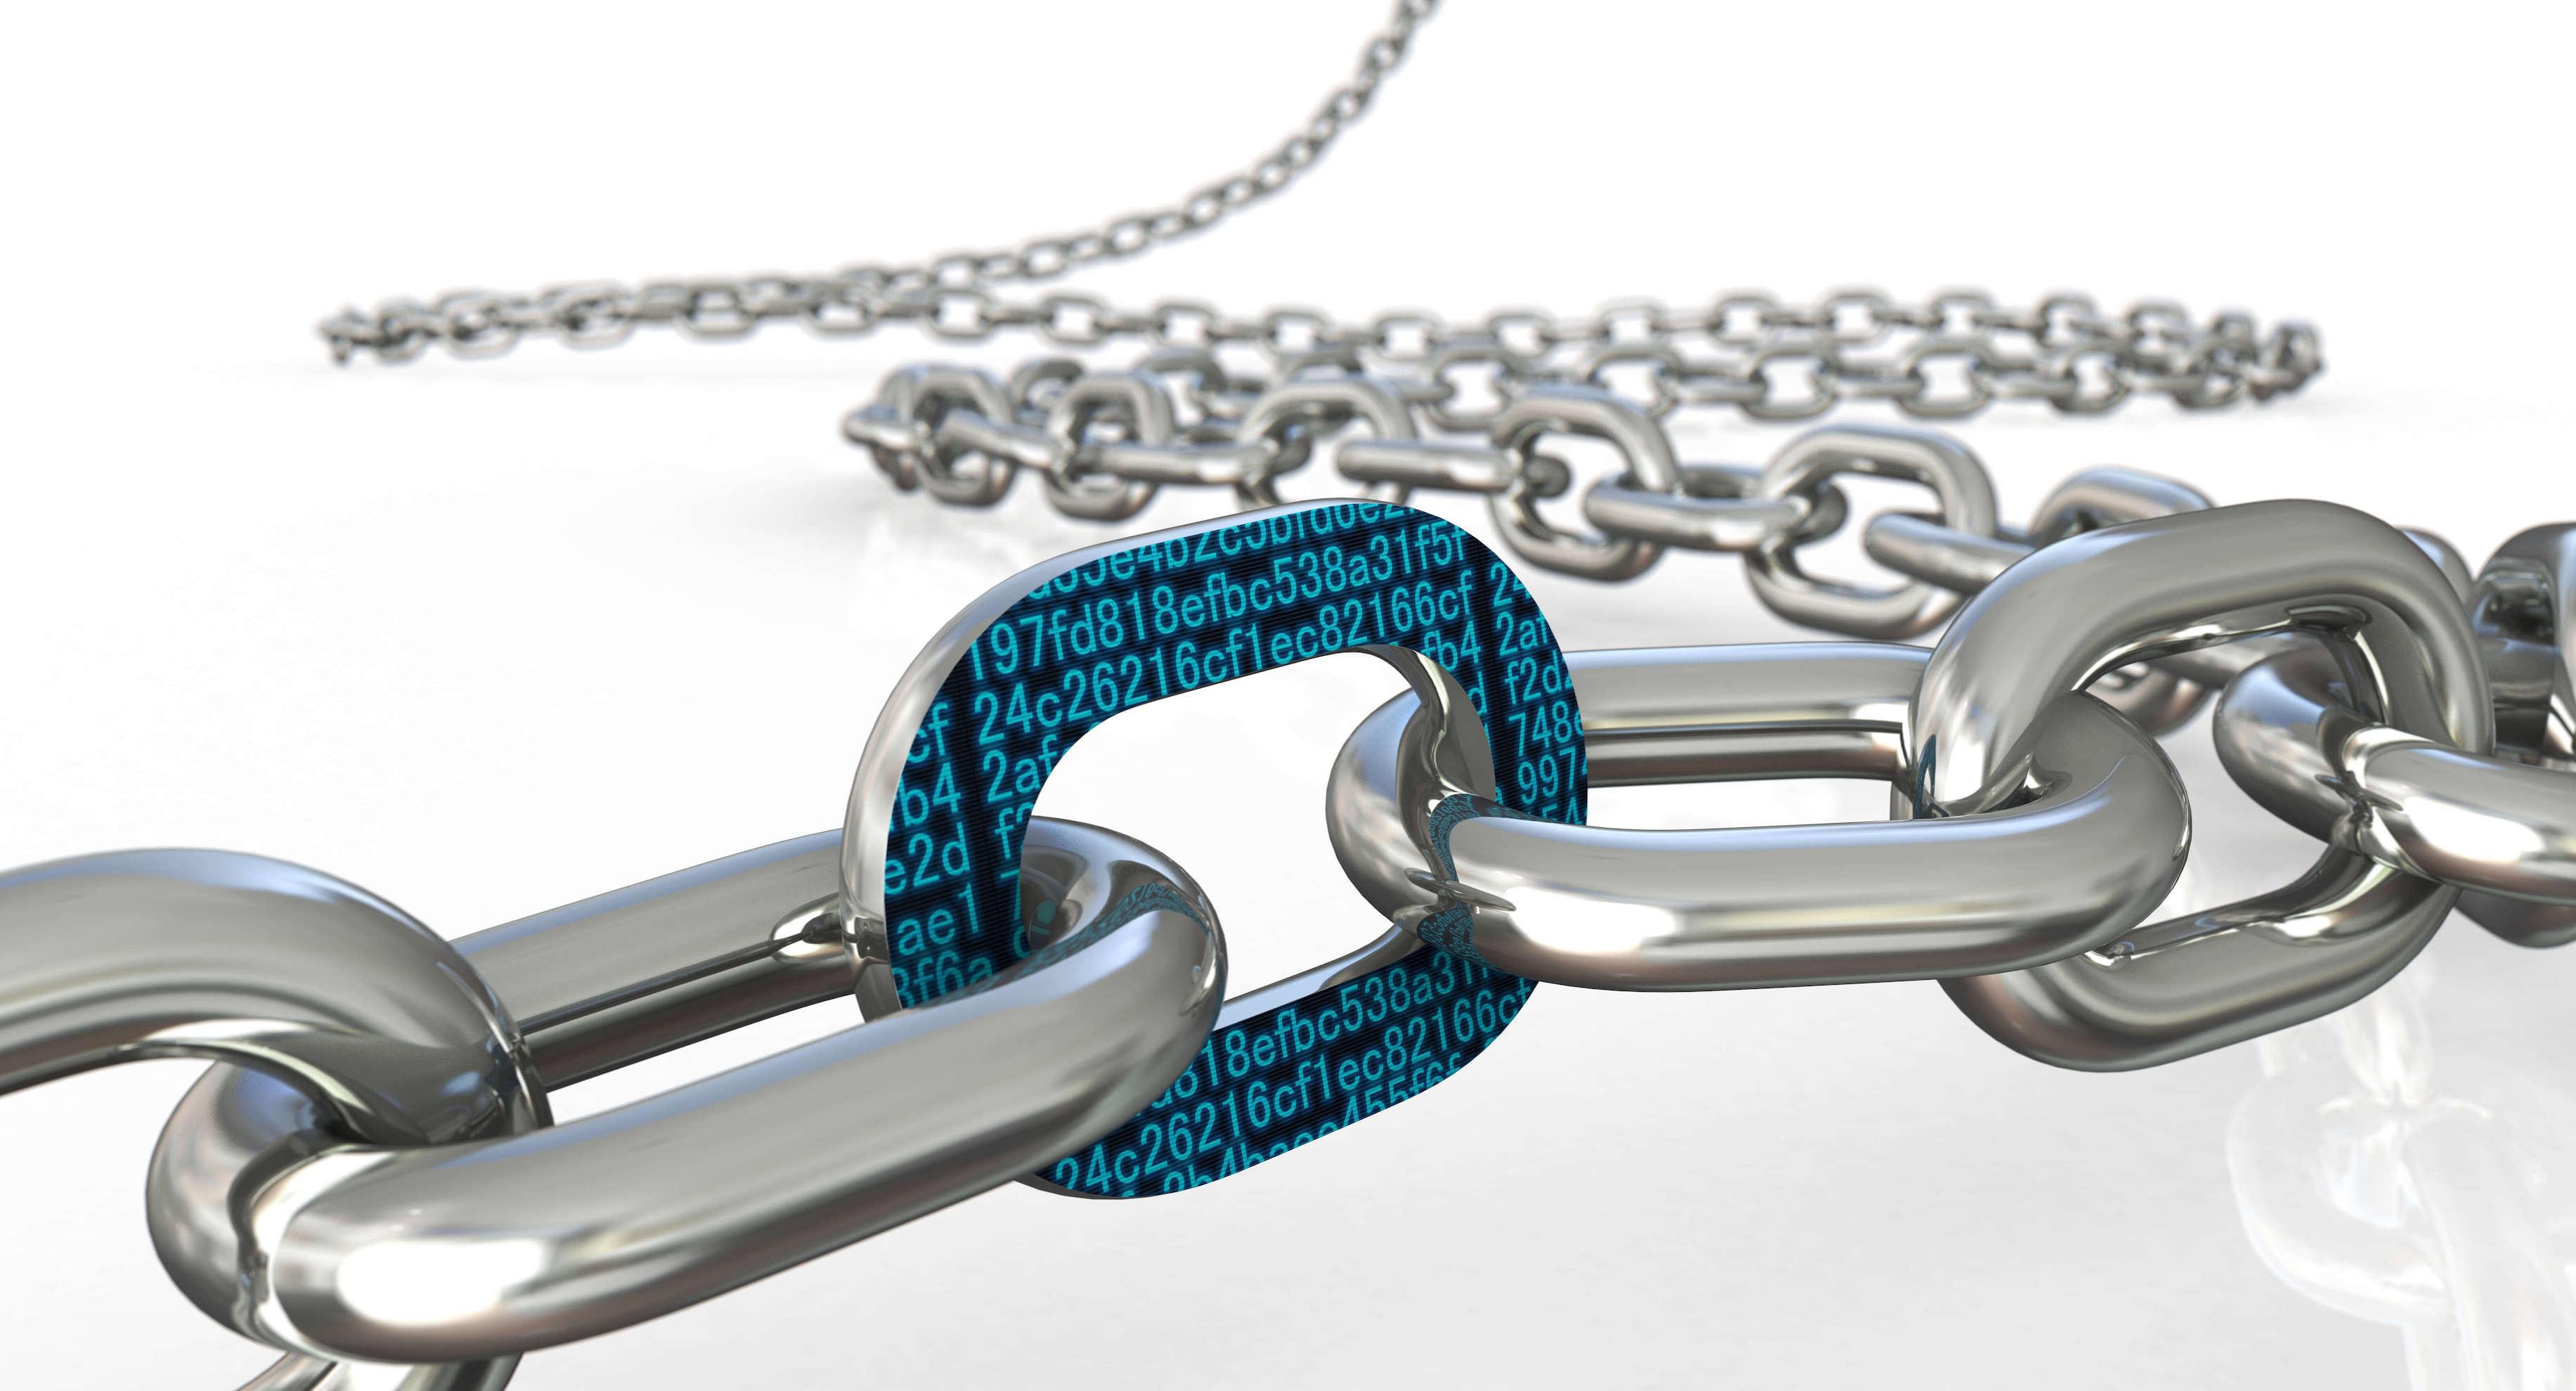 仮想通貨のセキュリティは大丈夫?知っておきたいリスクや対策